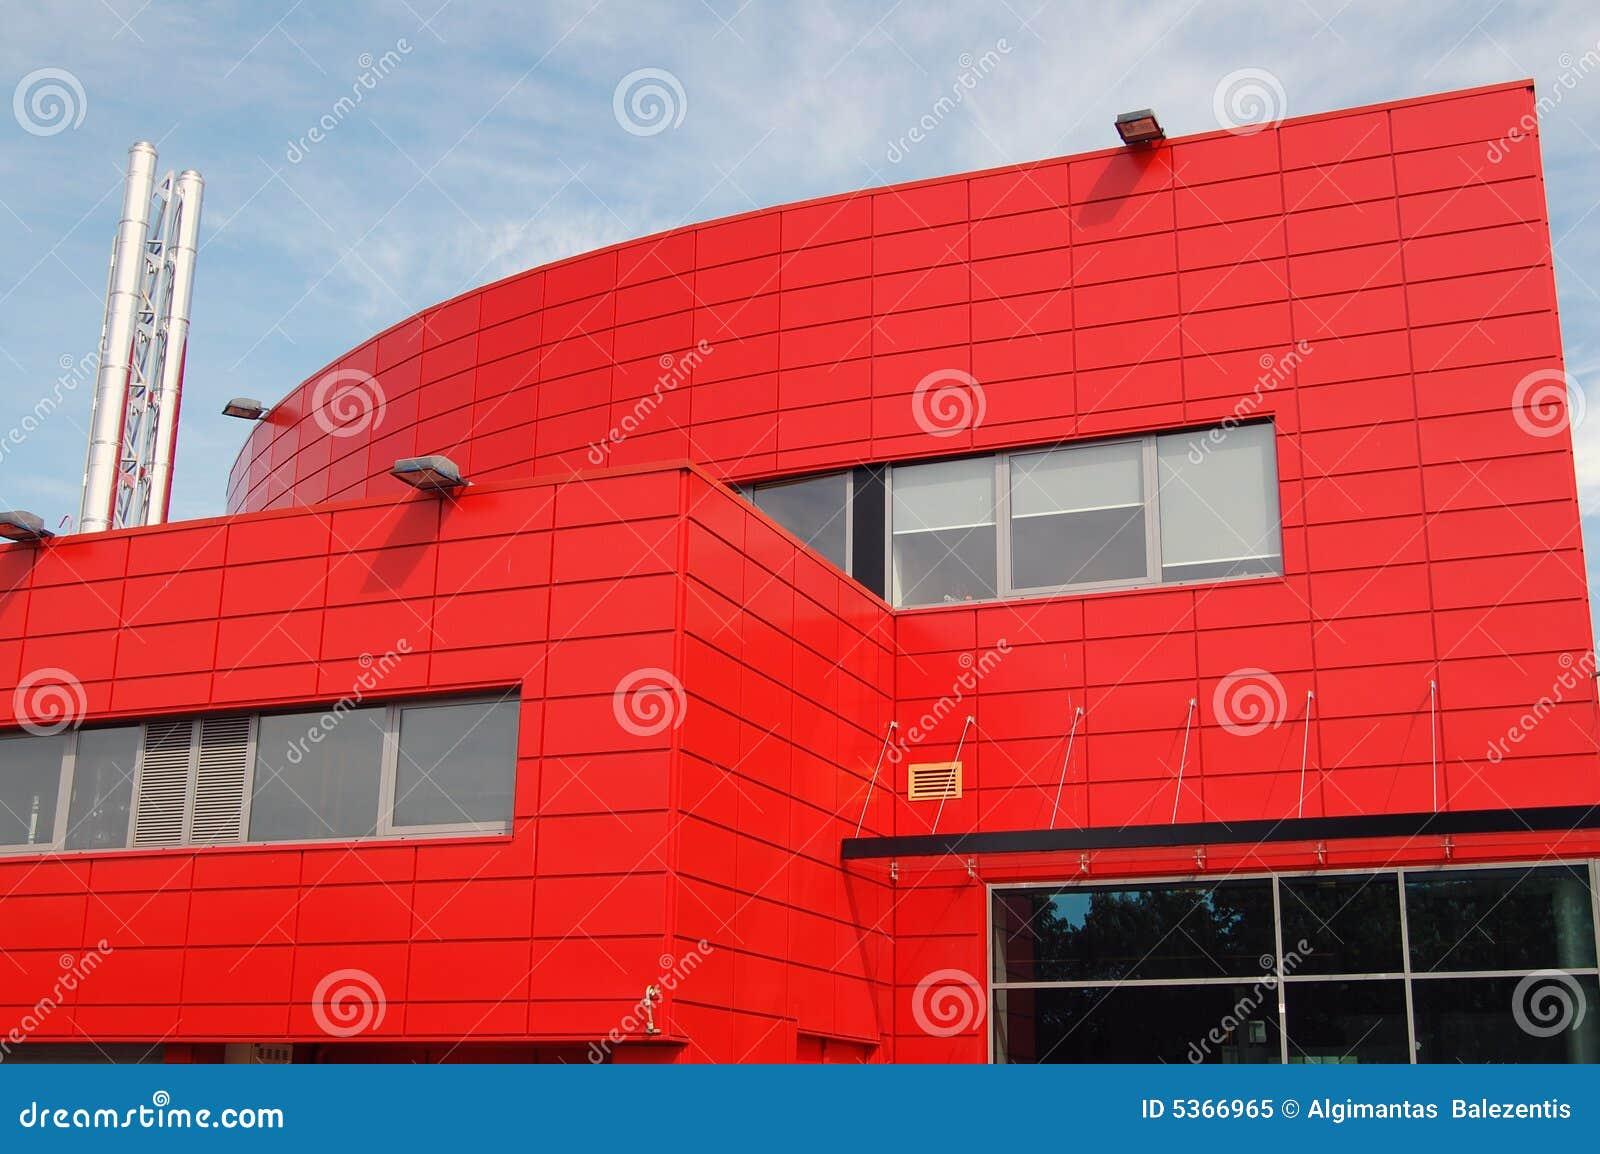 Architettura rossa moderna